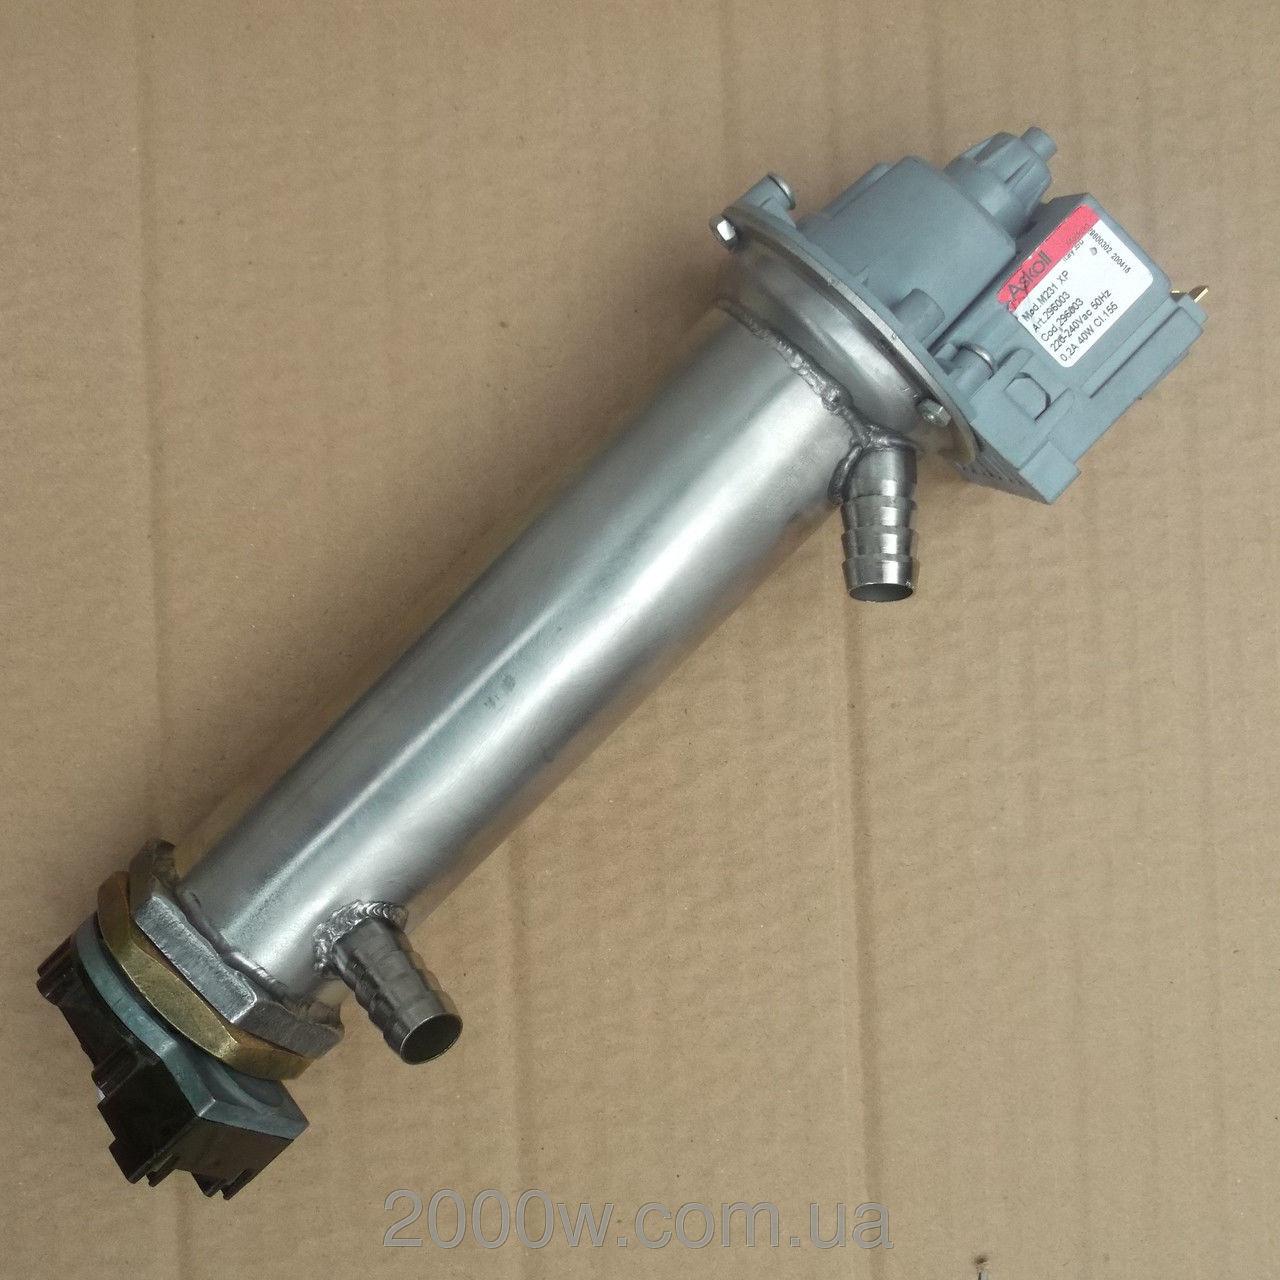 нагреватель тосола 220в для рено схема